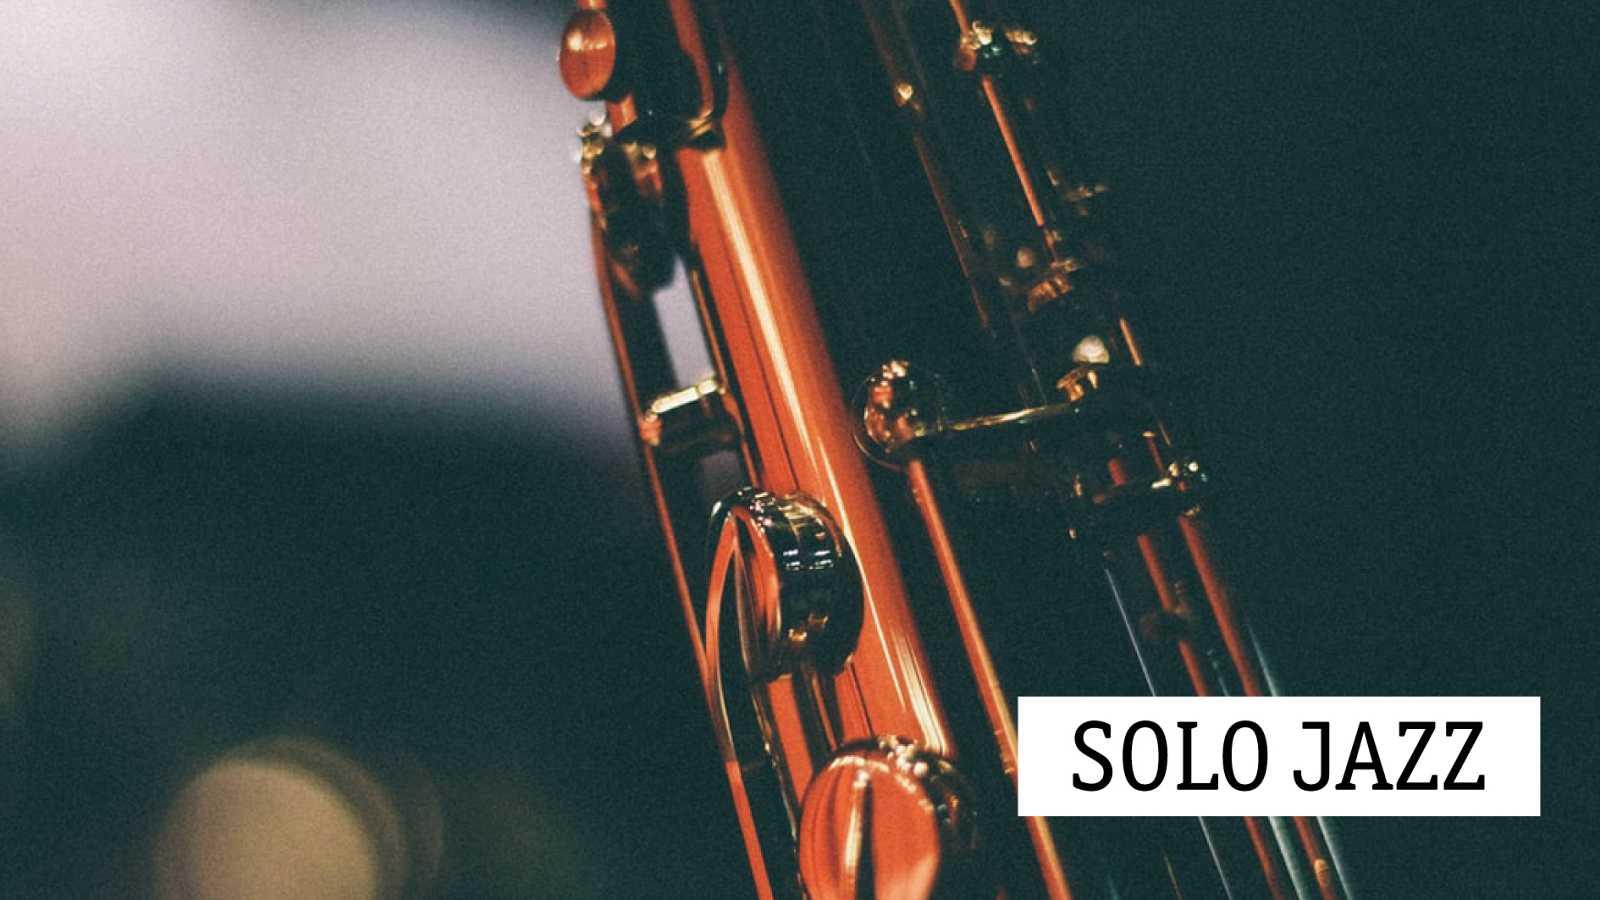 Solo Jazz - Bienvenido a la cata de pianistas contemporáneos (II) - 10/06/20 - escuchar ahora